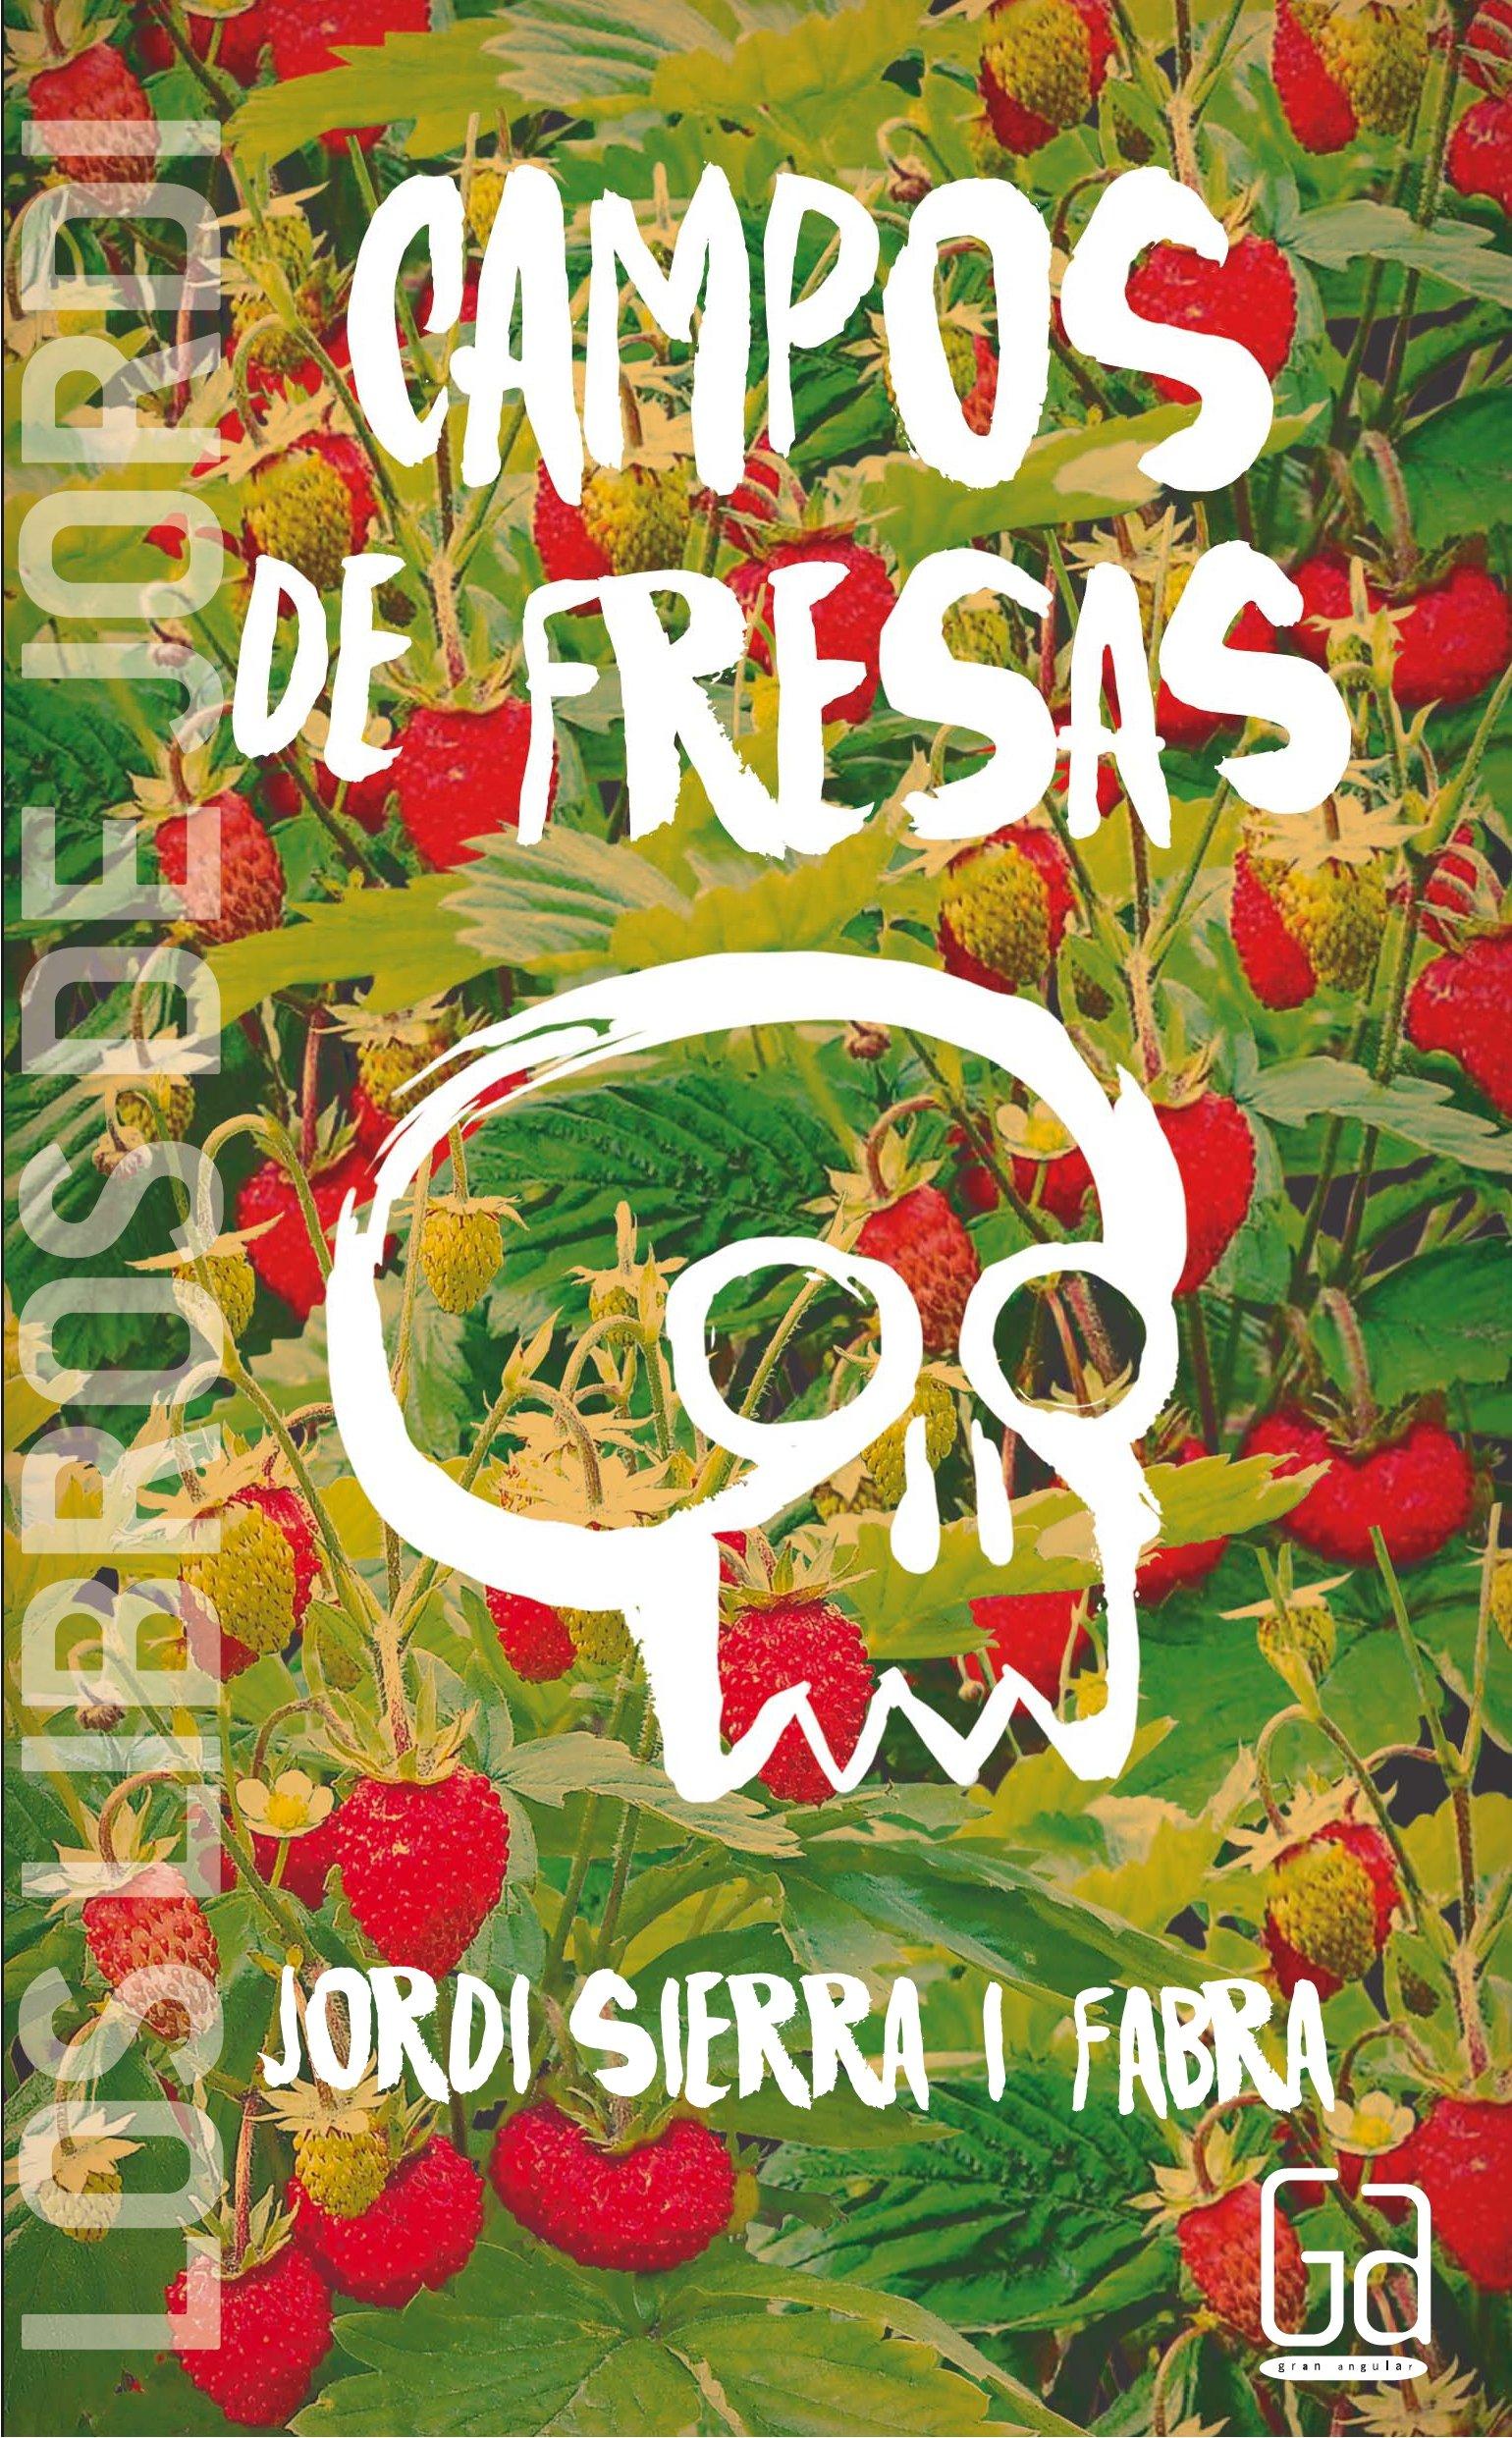 Campos de fresas (Los libros de...): Amazon.es: Jordi Sierra i Fabra: Libros